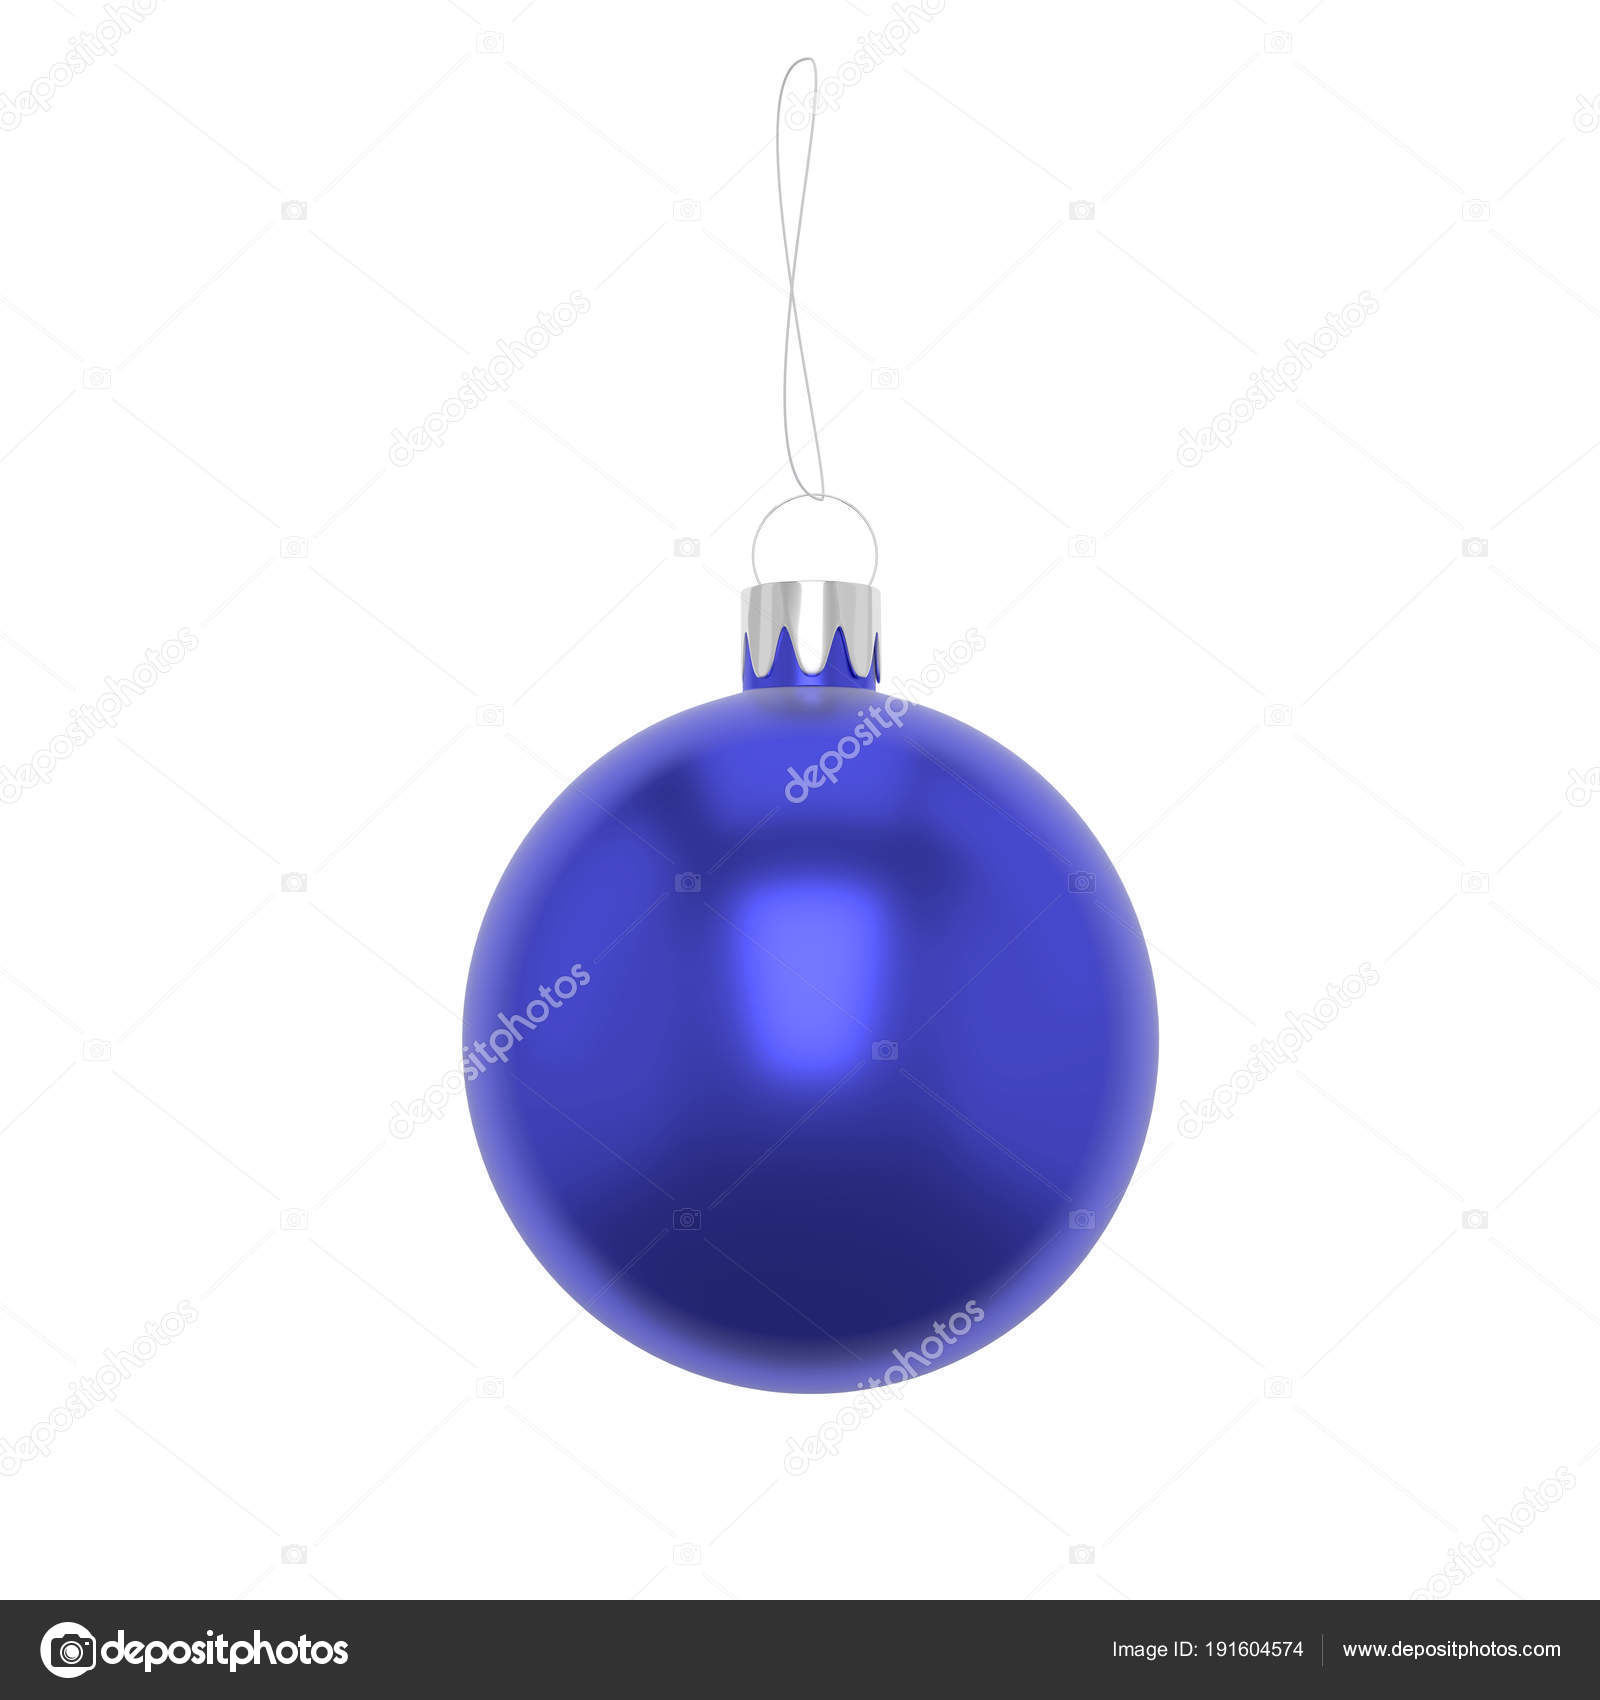 Boule De Noel Ficelle.Boule De Noël Bleu Illustration De 3d Avec De La Ficelle